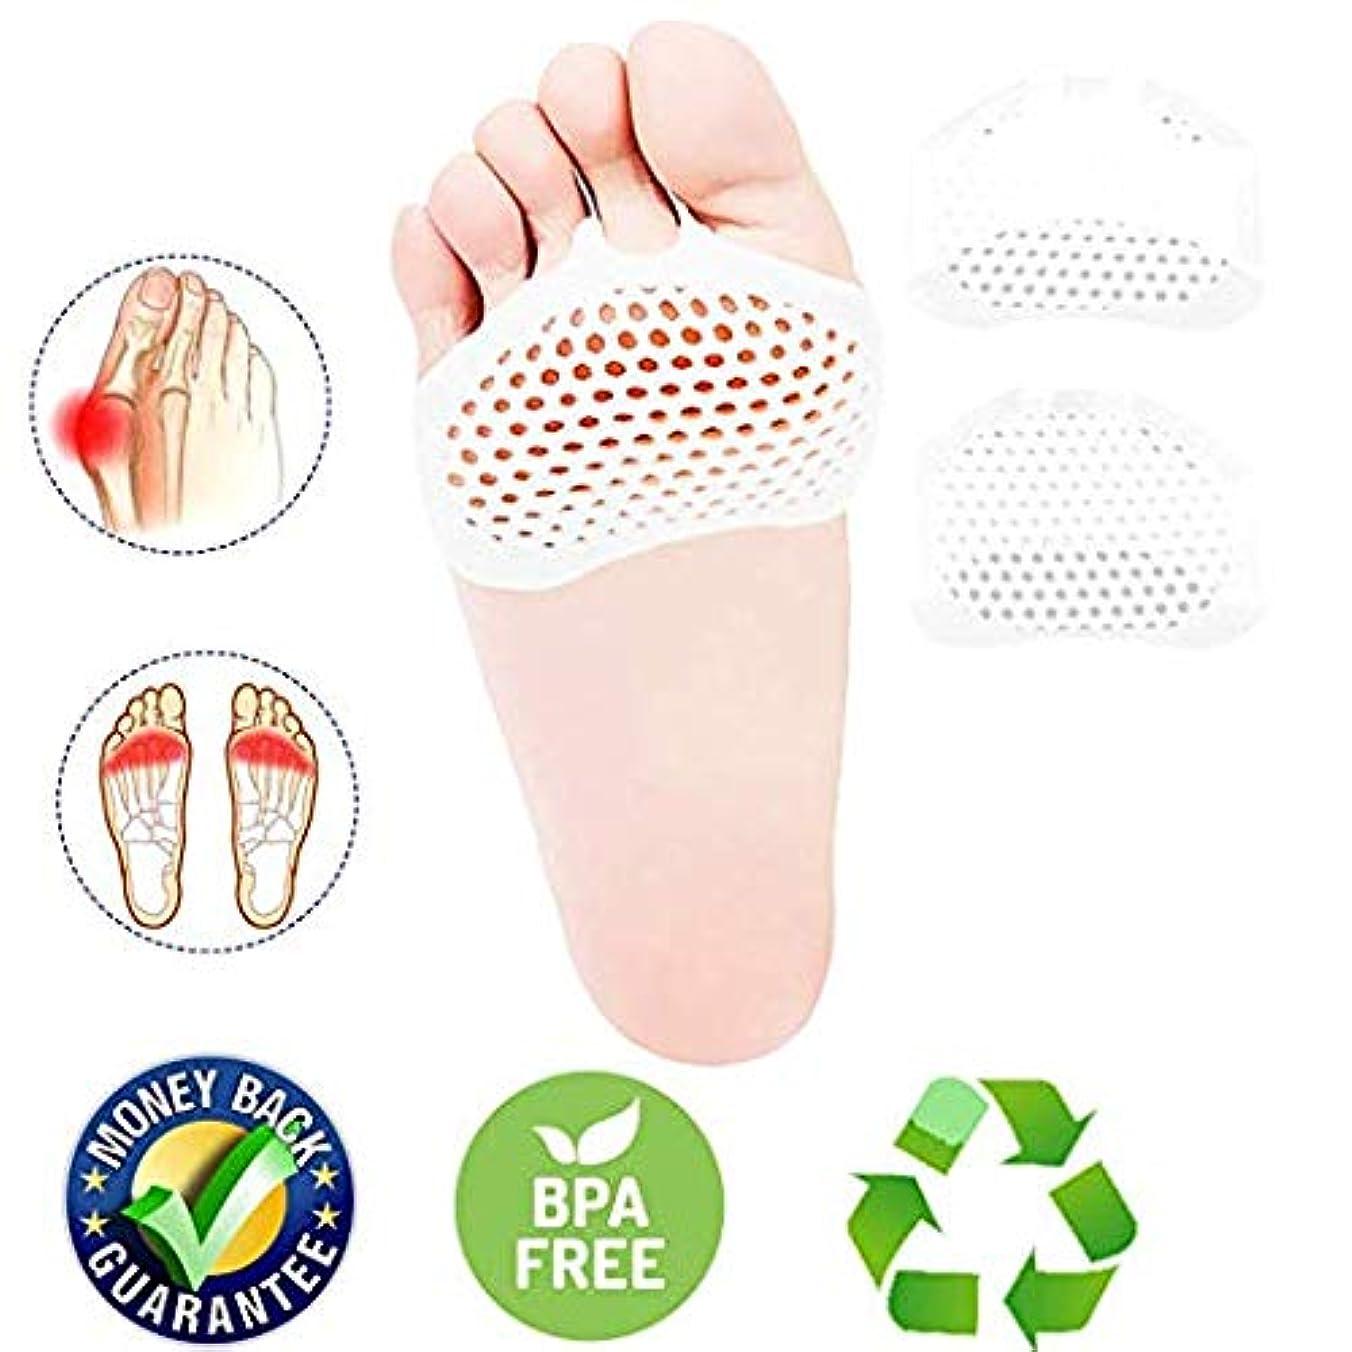 まぶしさパネル慎重に中足骨パッドフットクッションのボール、つま先セパレーター、つま先セパレーターストレッチャー、ゲルゴムシリコーンsesamoiditisパッド、通気性のある足の痛みを緩和するクッションハンマーまっすぐな腱膜炎の痛みの足